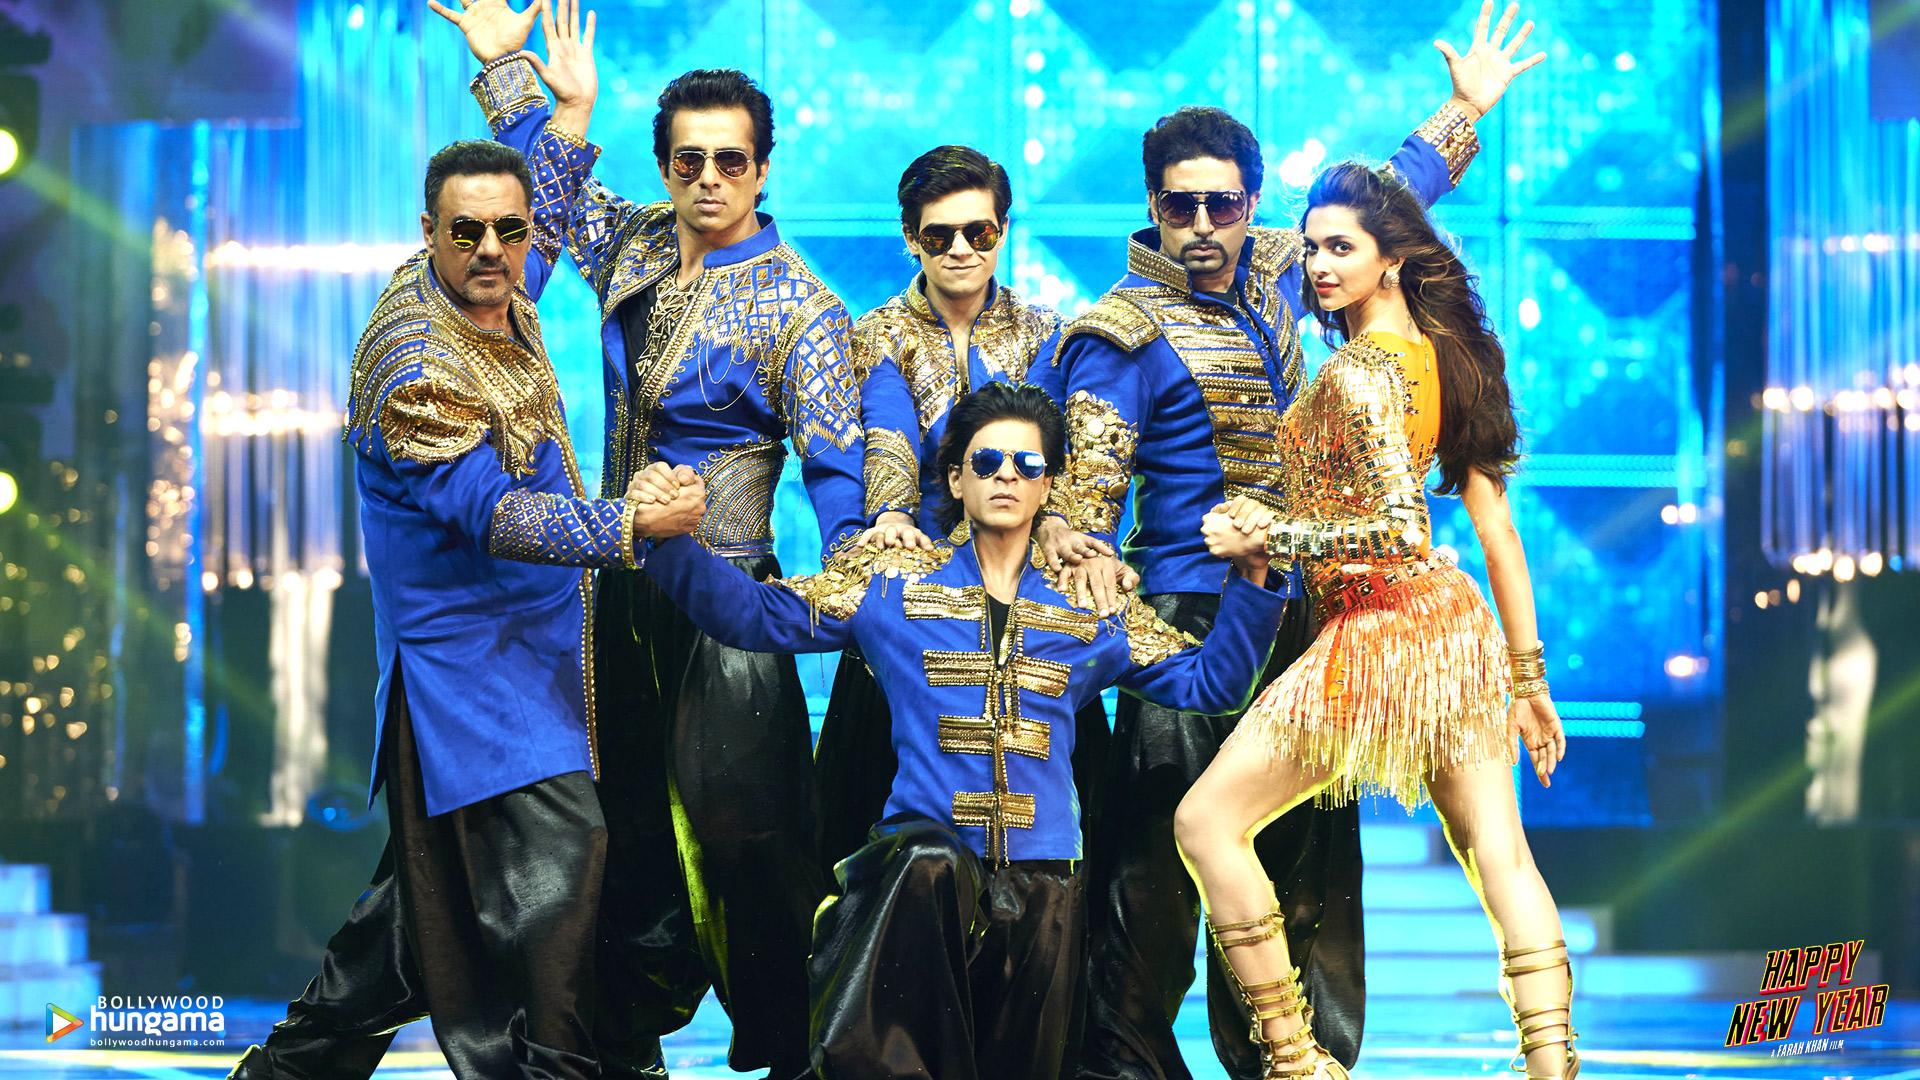 С новым годом индийски фильм